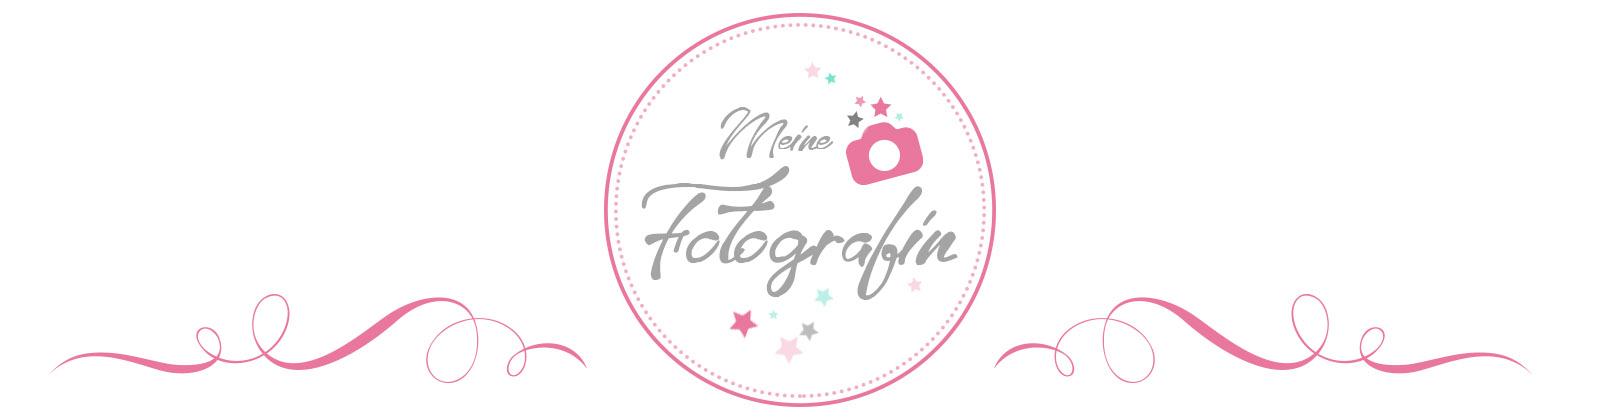 Hochzeits-, Kinder- und Familienfotografin aus Wien